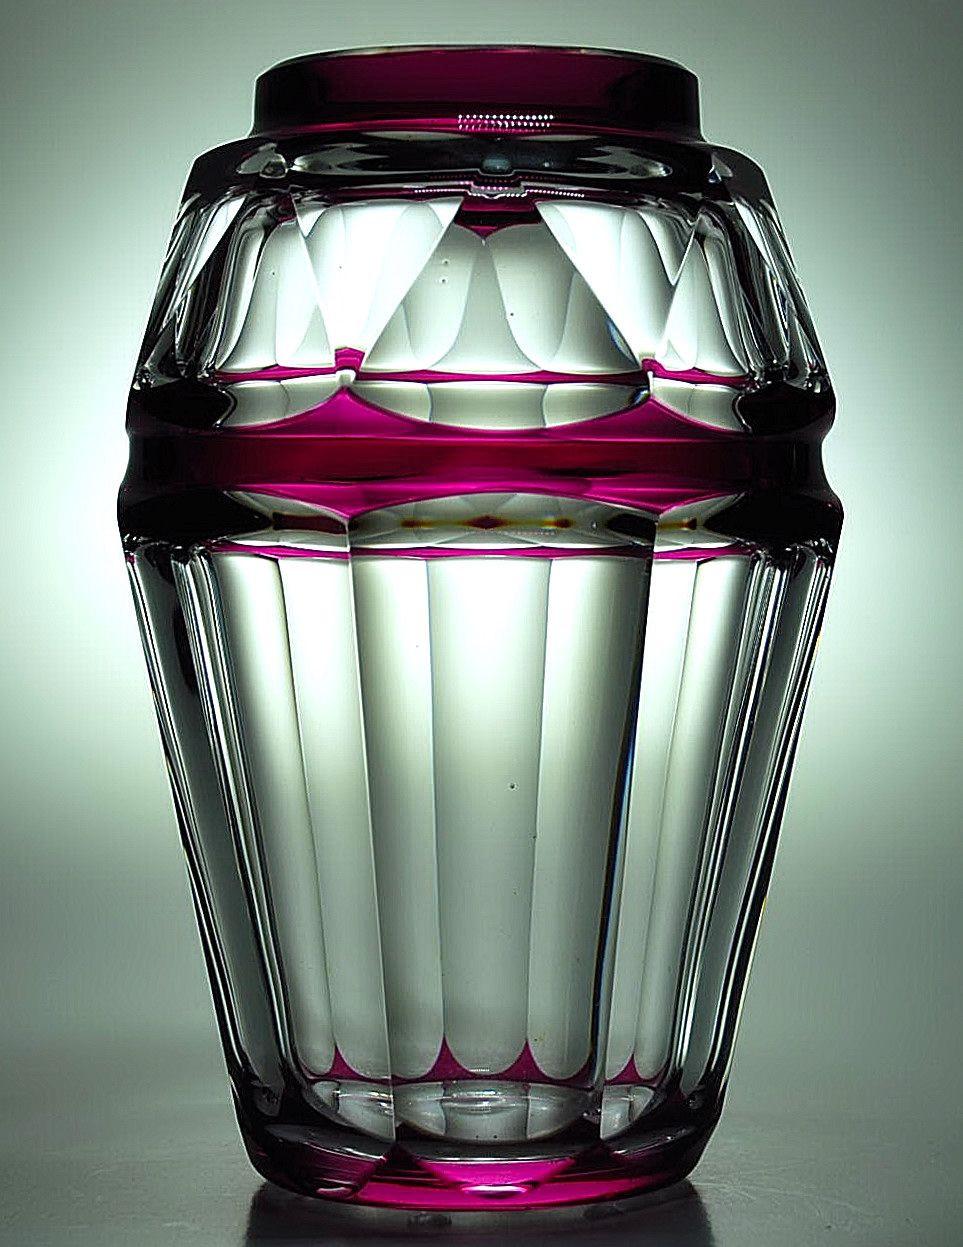 kosta boda twine crystal vase of kosta boda twine 11 3 4 blue crystal vase crystal vase within kosta boda twine 11 3 4 blue crystal vase crystal vase pinterest kosta boda and crystal vase